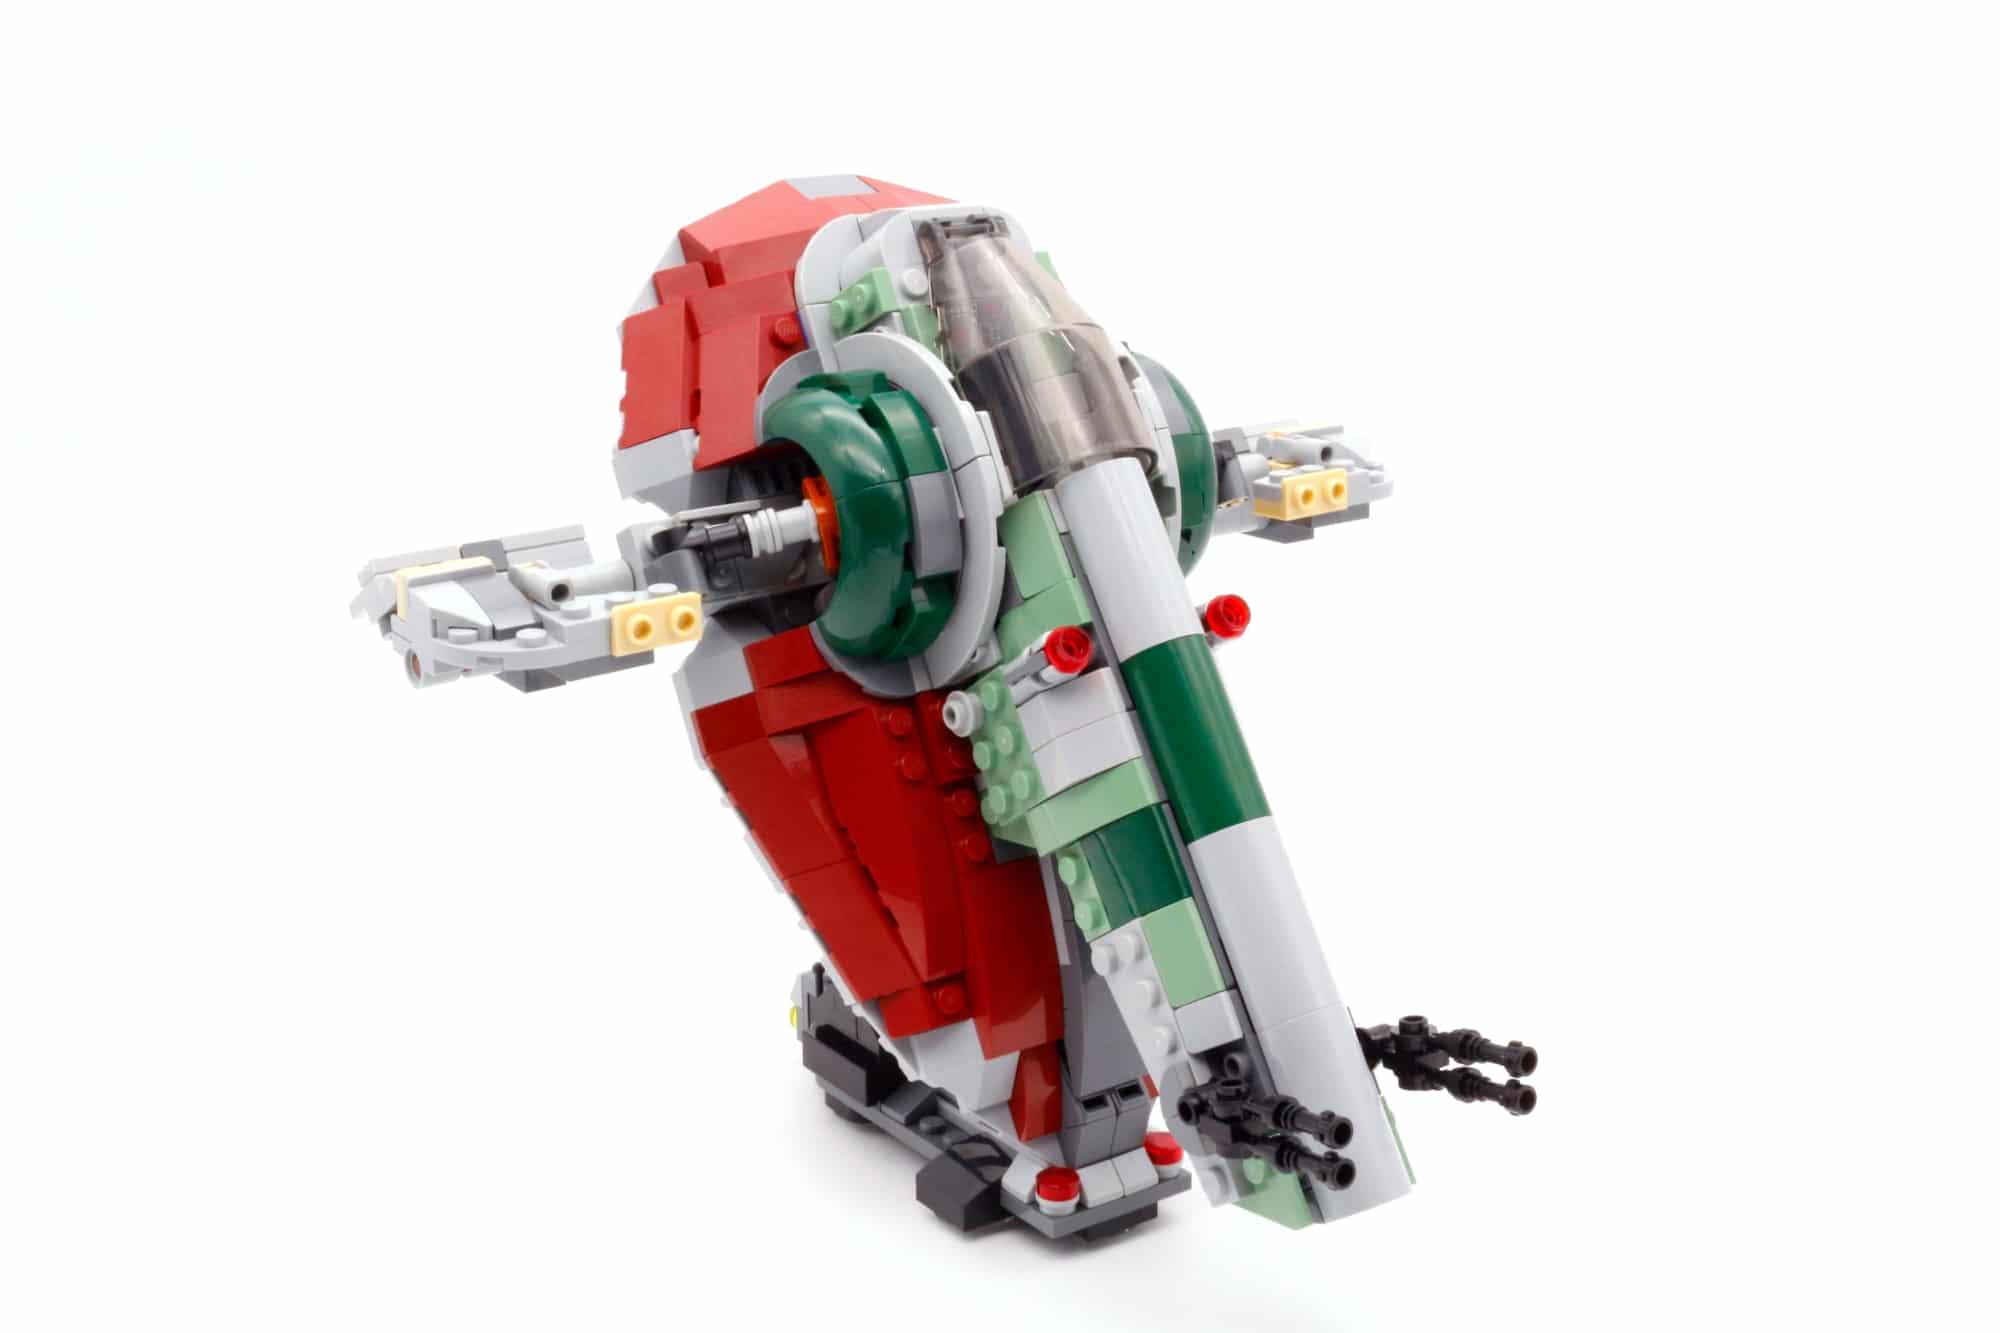 LEGO Star Wars 75312 Boba Fetts Starship 15